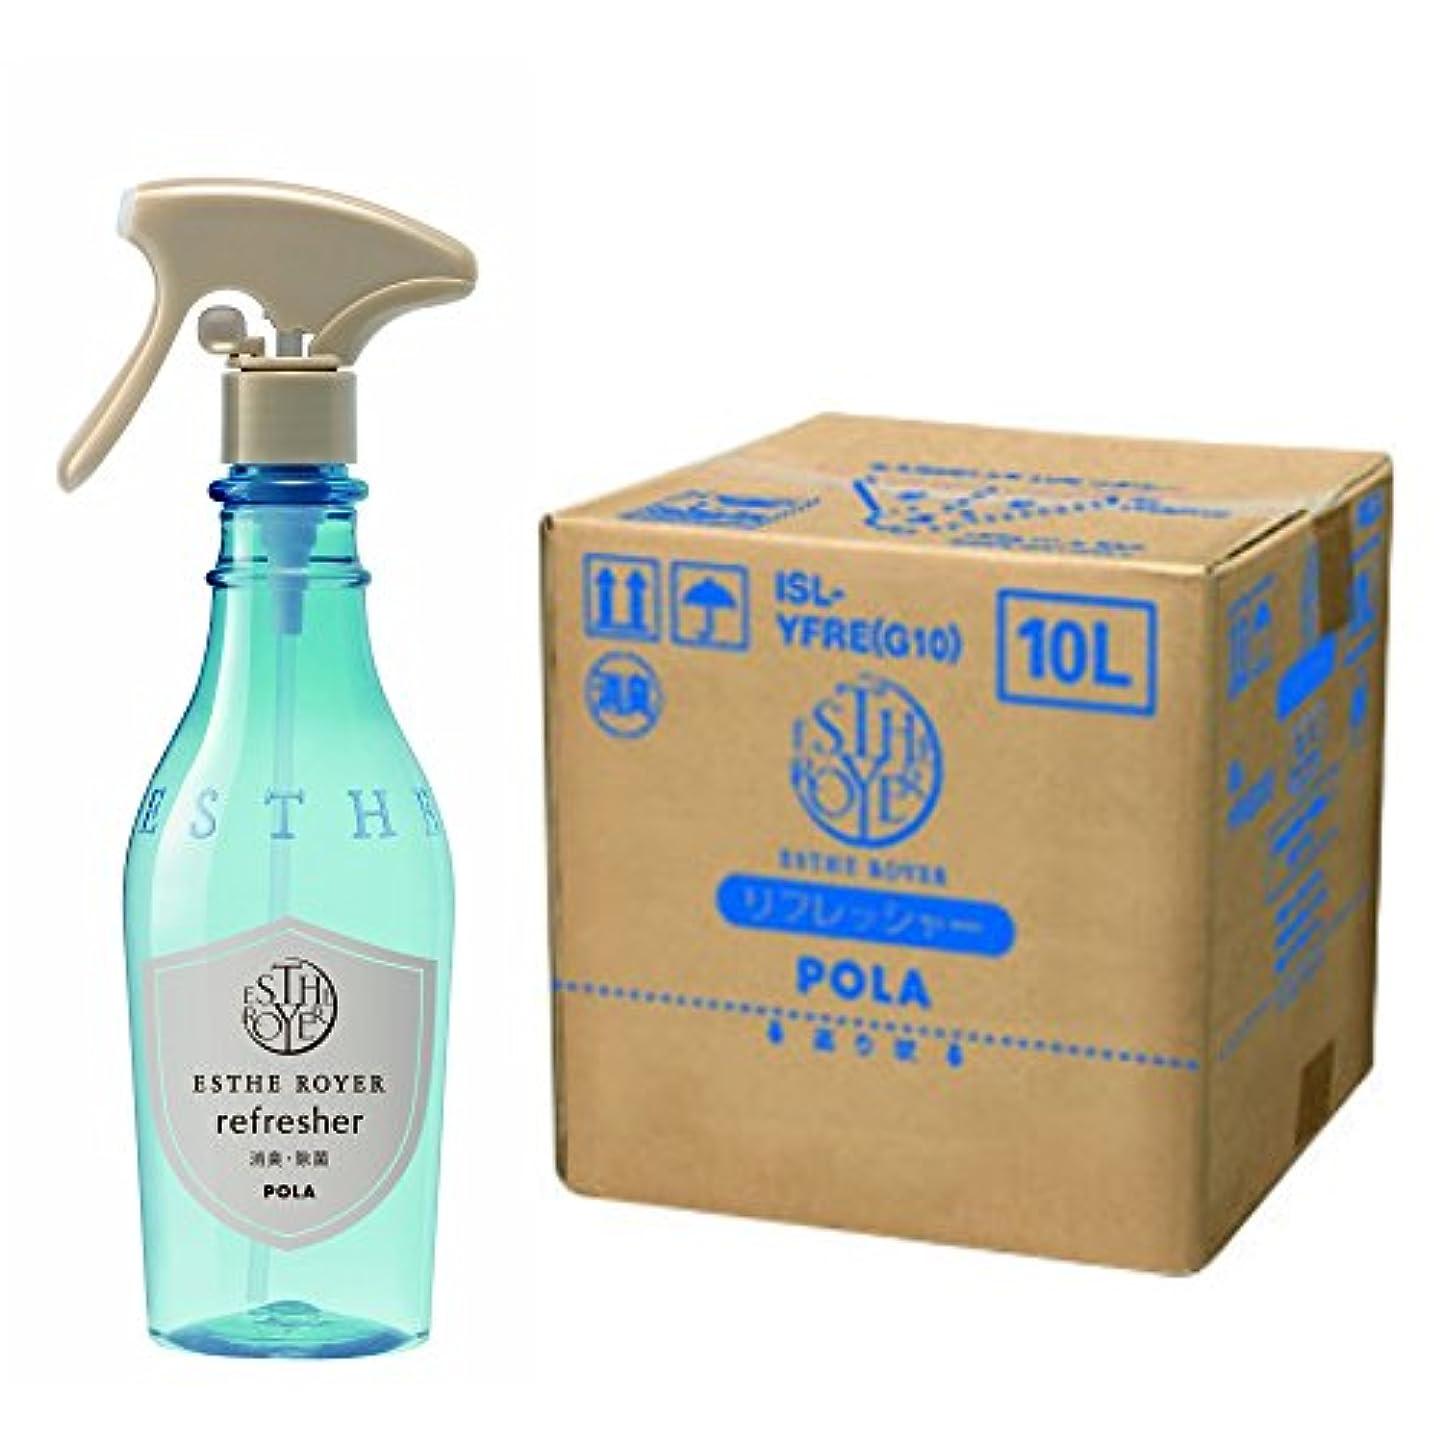 機知に富んだ頭痛基本的なPOLA ポーラ エステロワイエ リフレッシャー<衣類?布製品用消臭剤> 業務用 10L×1箱 専用詰め替え容器 400ml 2本付。クローゼット用ハンガー付き。